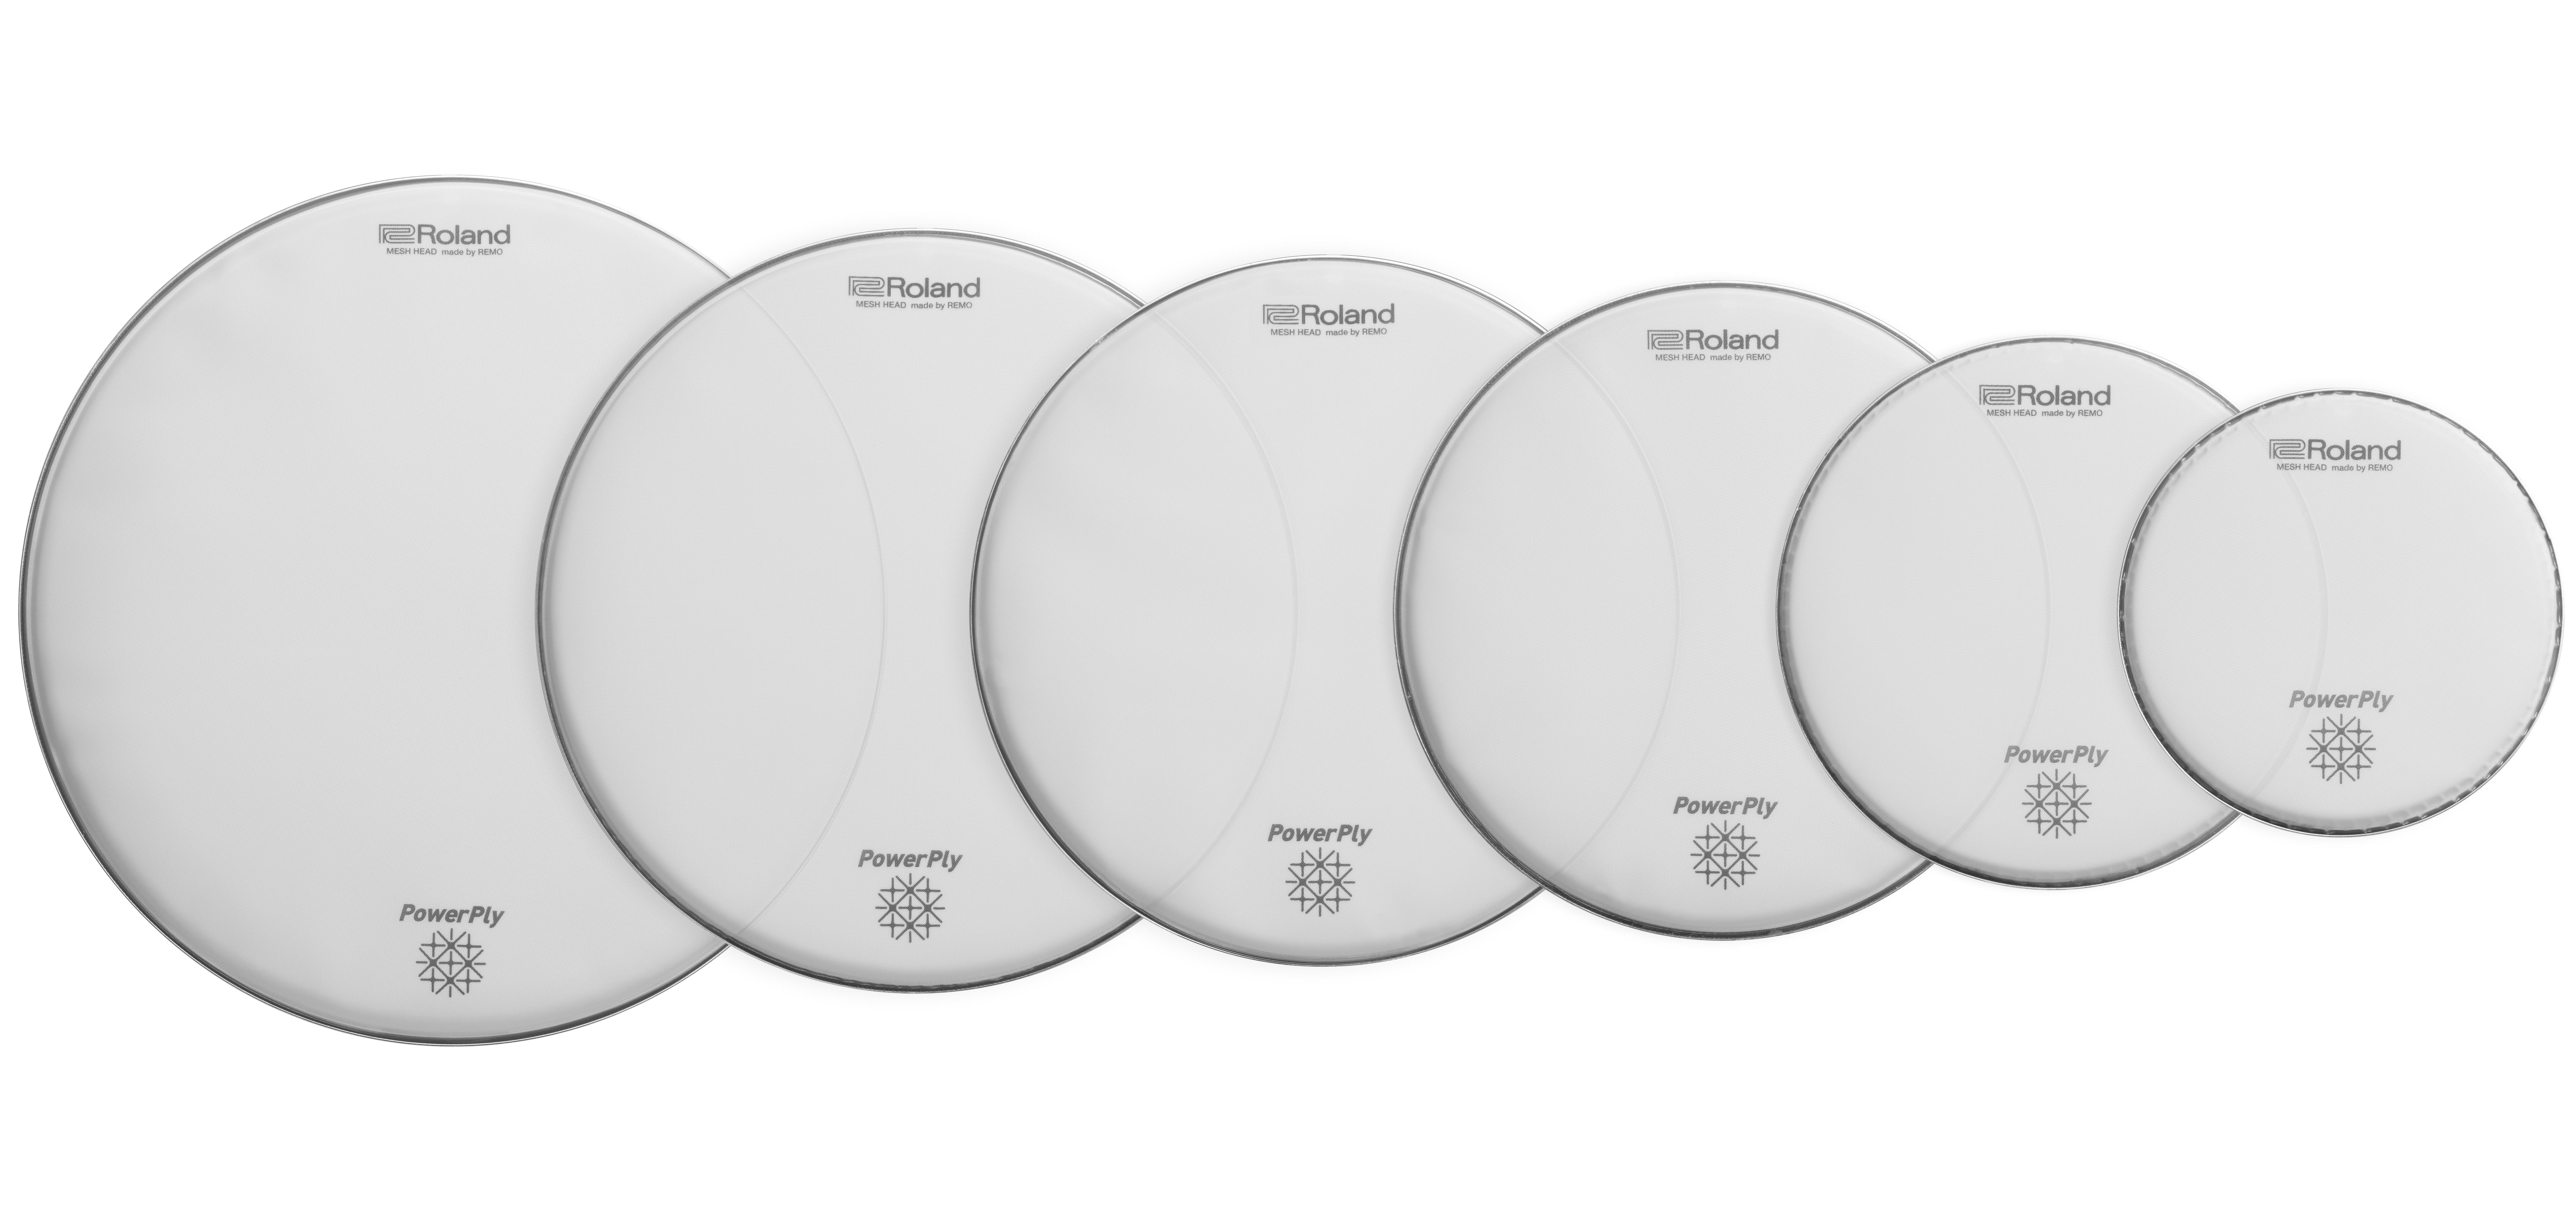 Batteries & Percussions - PEAUX - BATTERIE - ROLAND - MH2-12 - Royez Musik